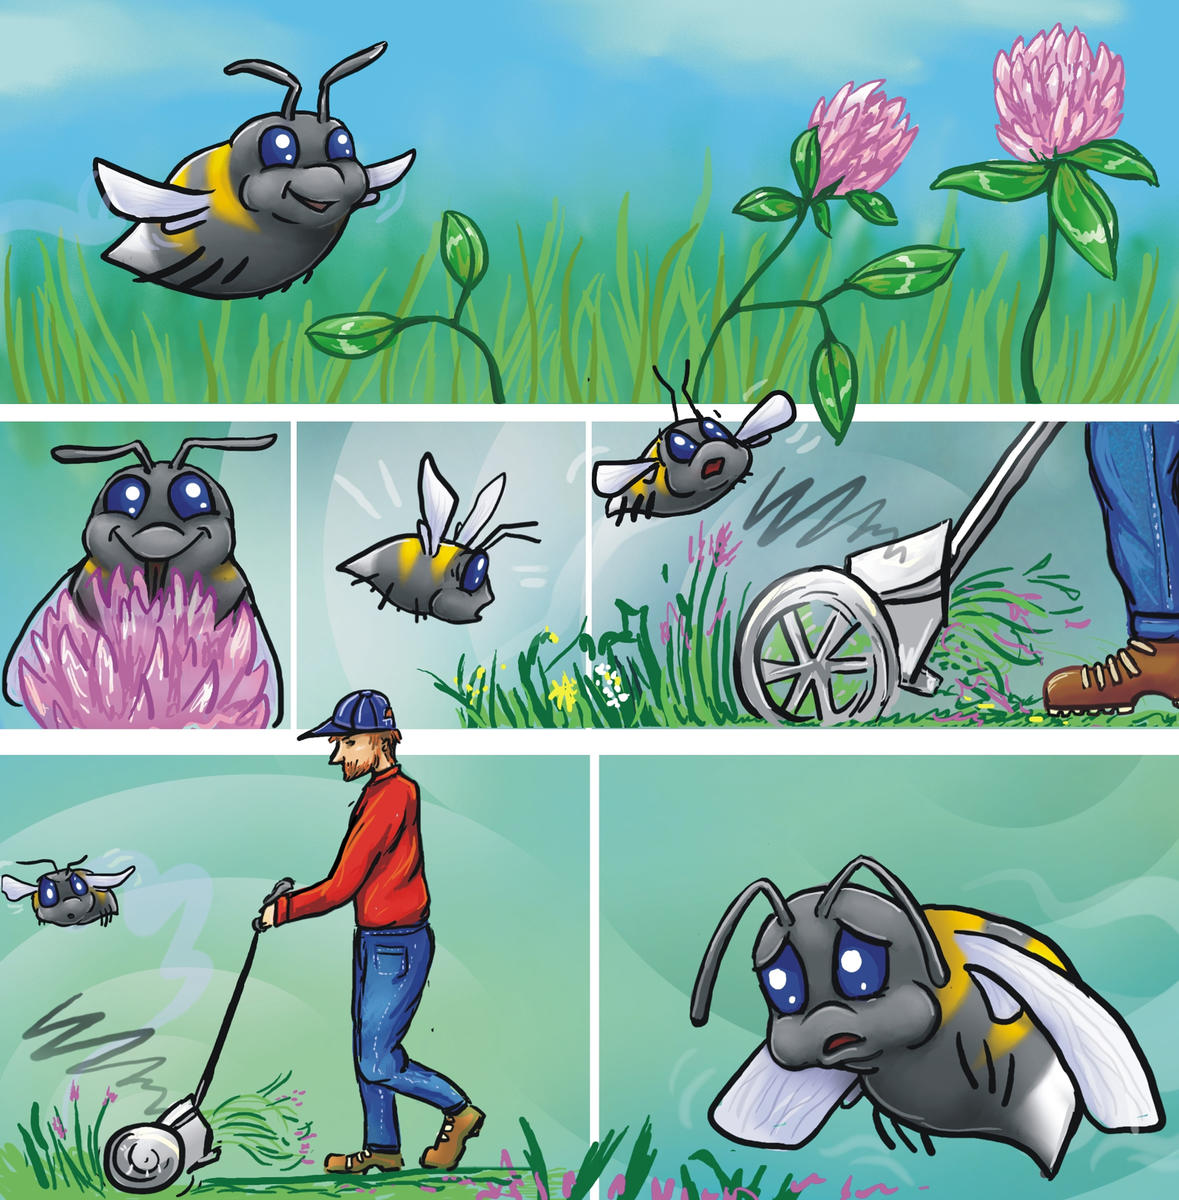 Illustrasjon: La Humla Suse/humlekroken.no / Illustrasjon: La Humla Suse/humlekroken.no